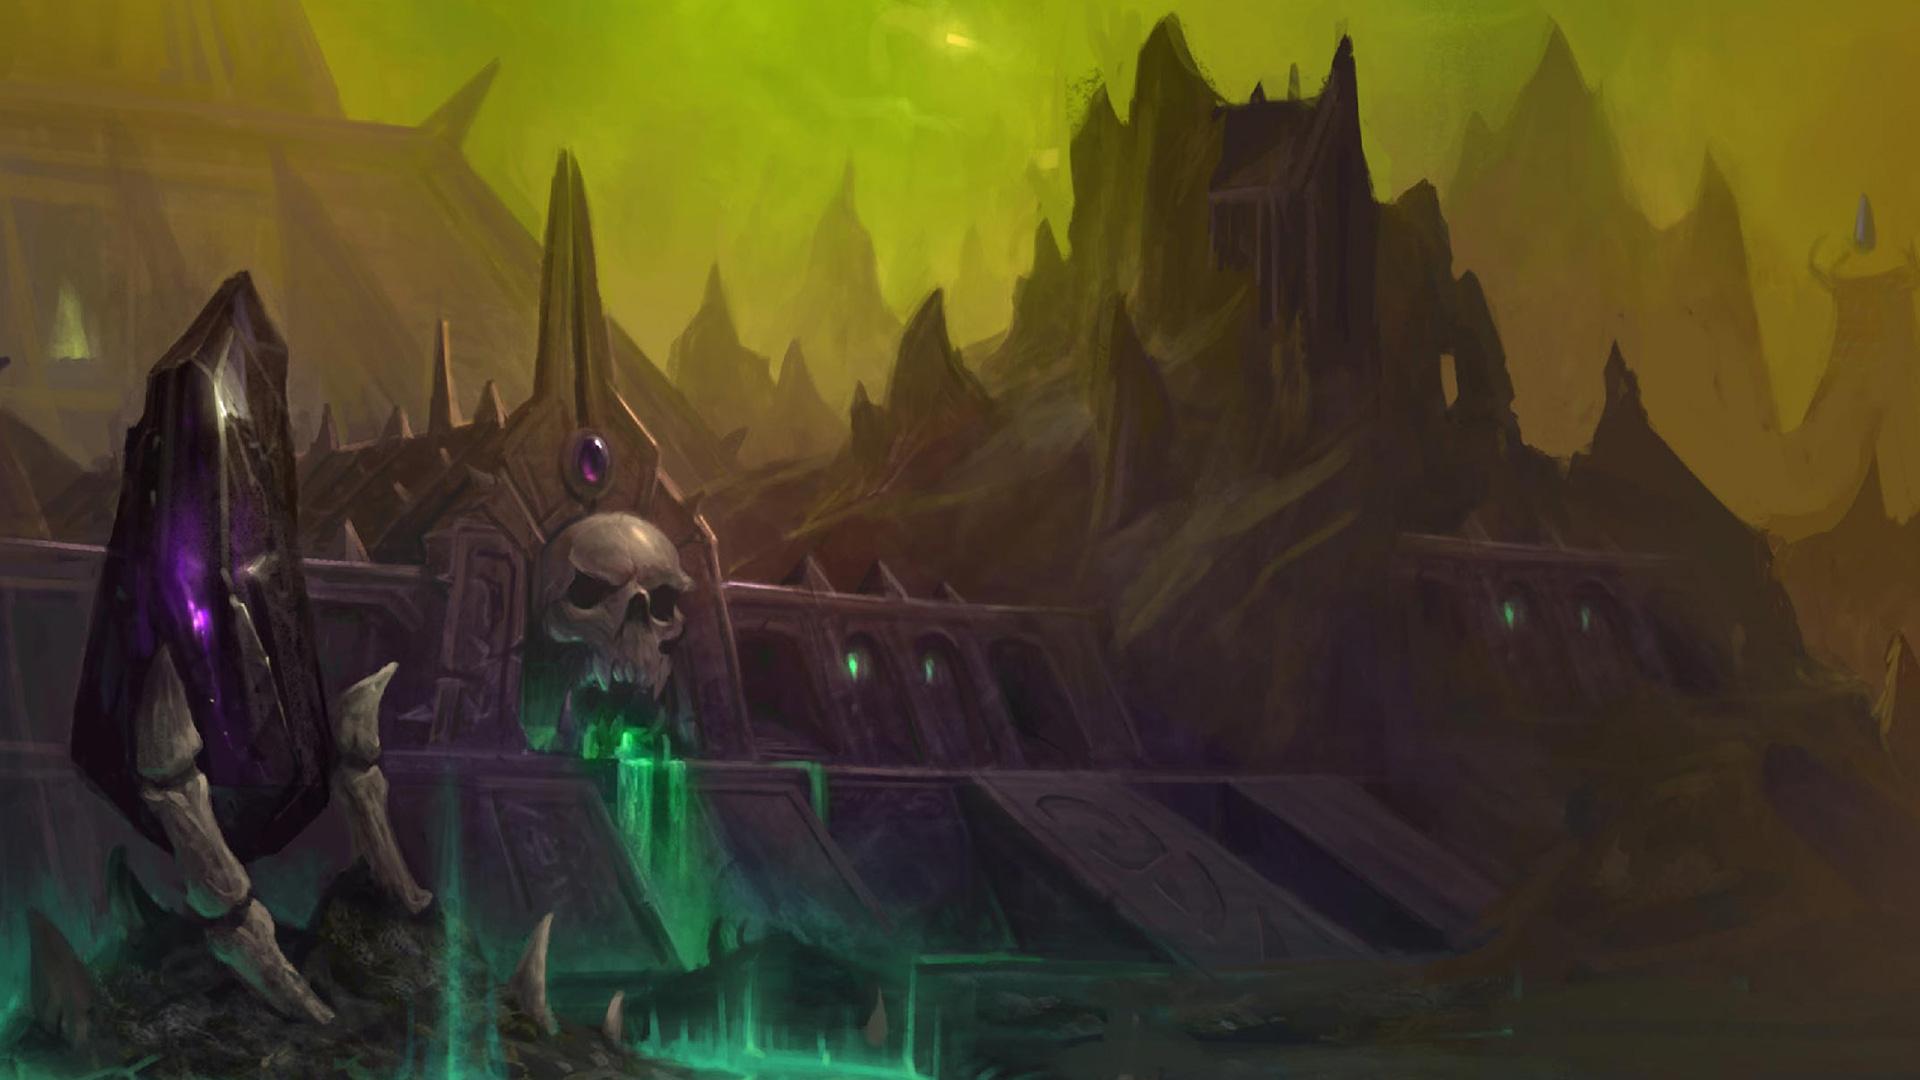 Calendrier de rotation des boss mondiaux de WoW Shadowlands